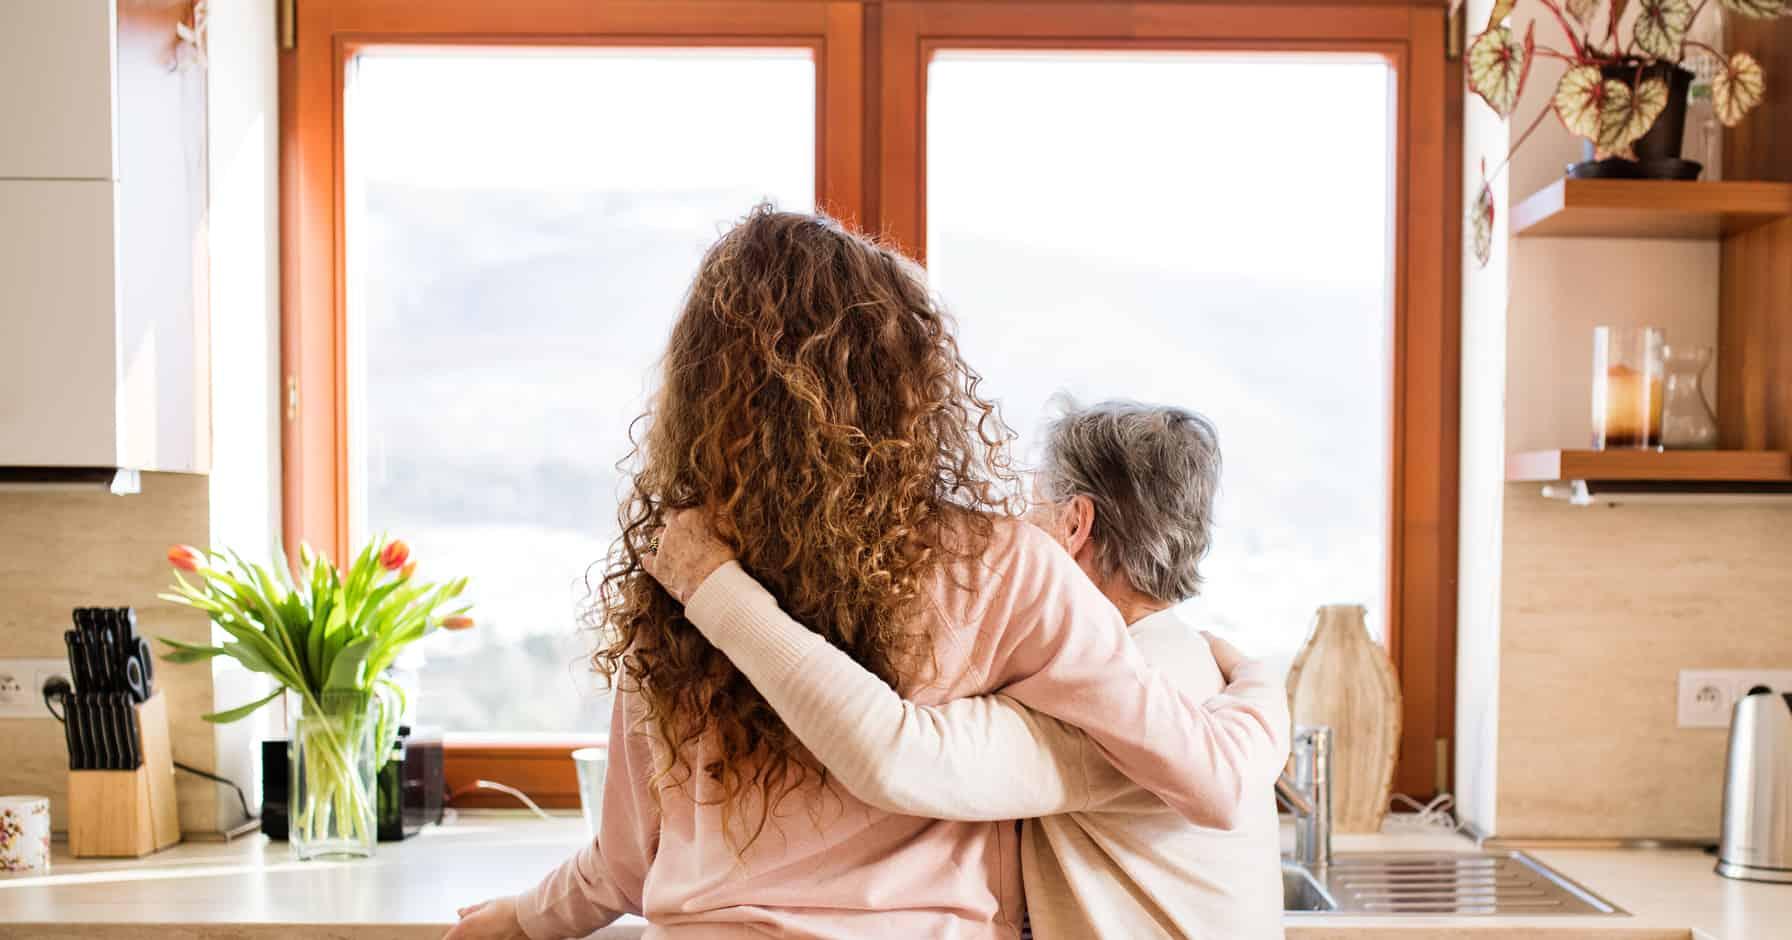 Hausüberschreibung Mit Wohnrecht Das Gibt Es Zu Beachten